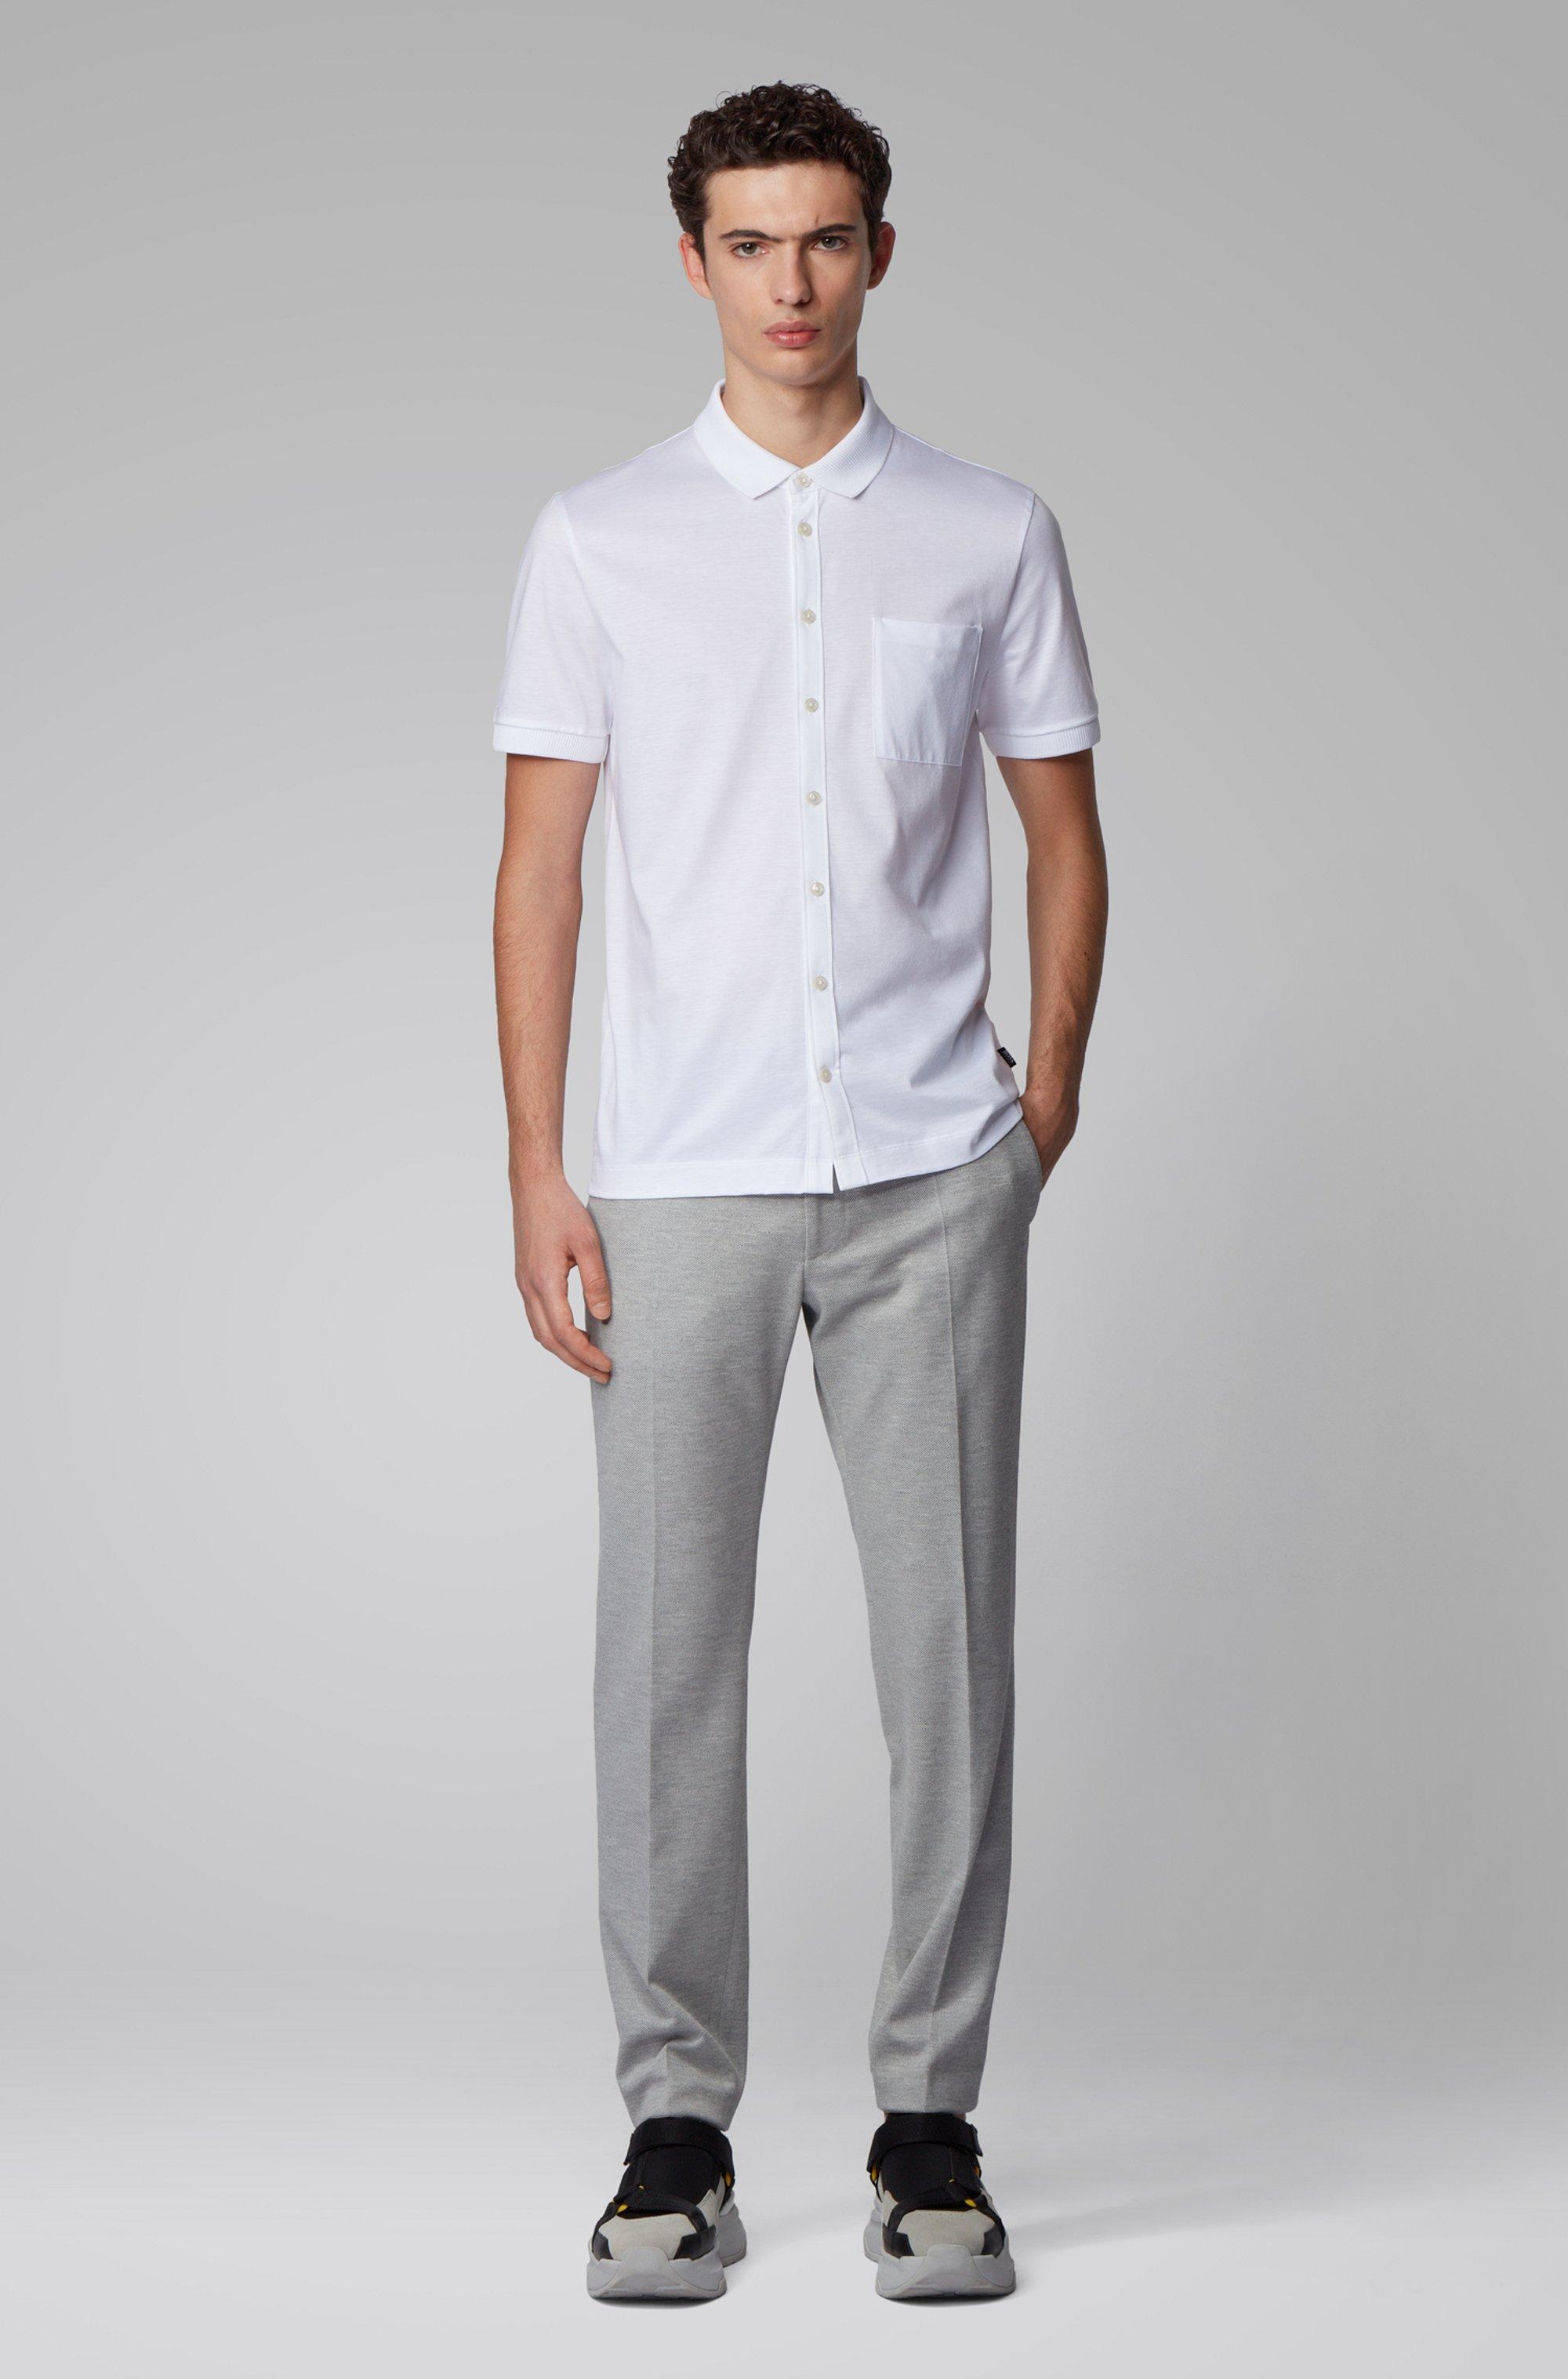 Polo stile camicia in cotone mercerizzato